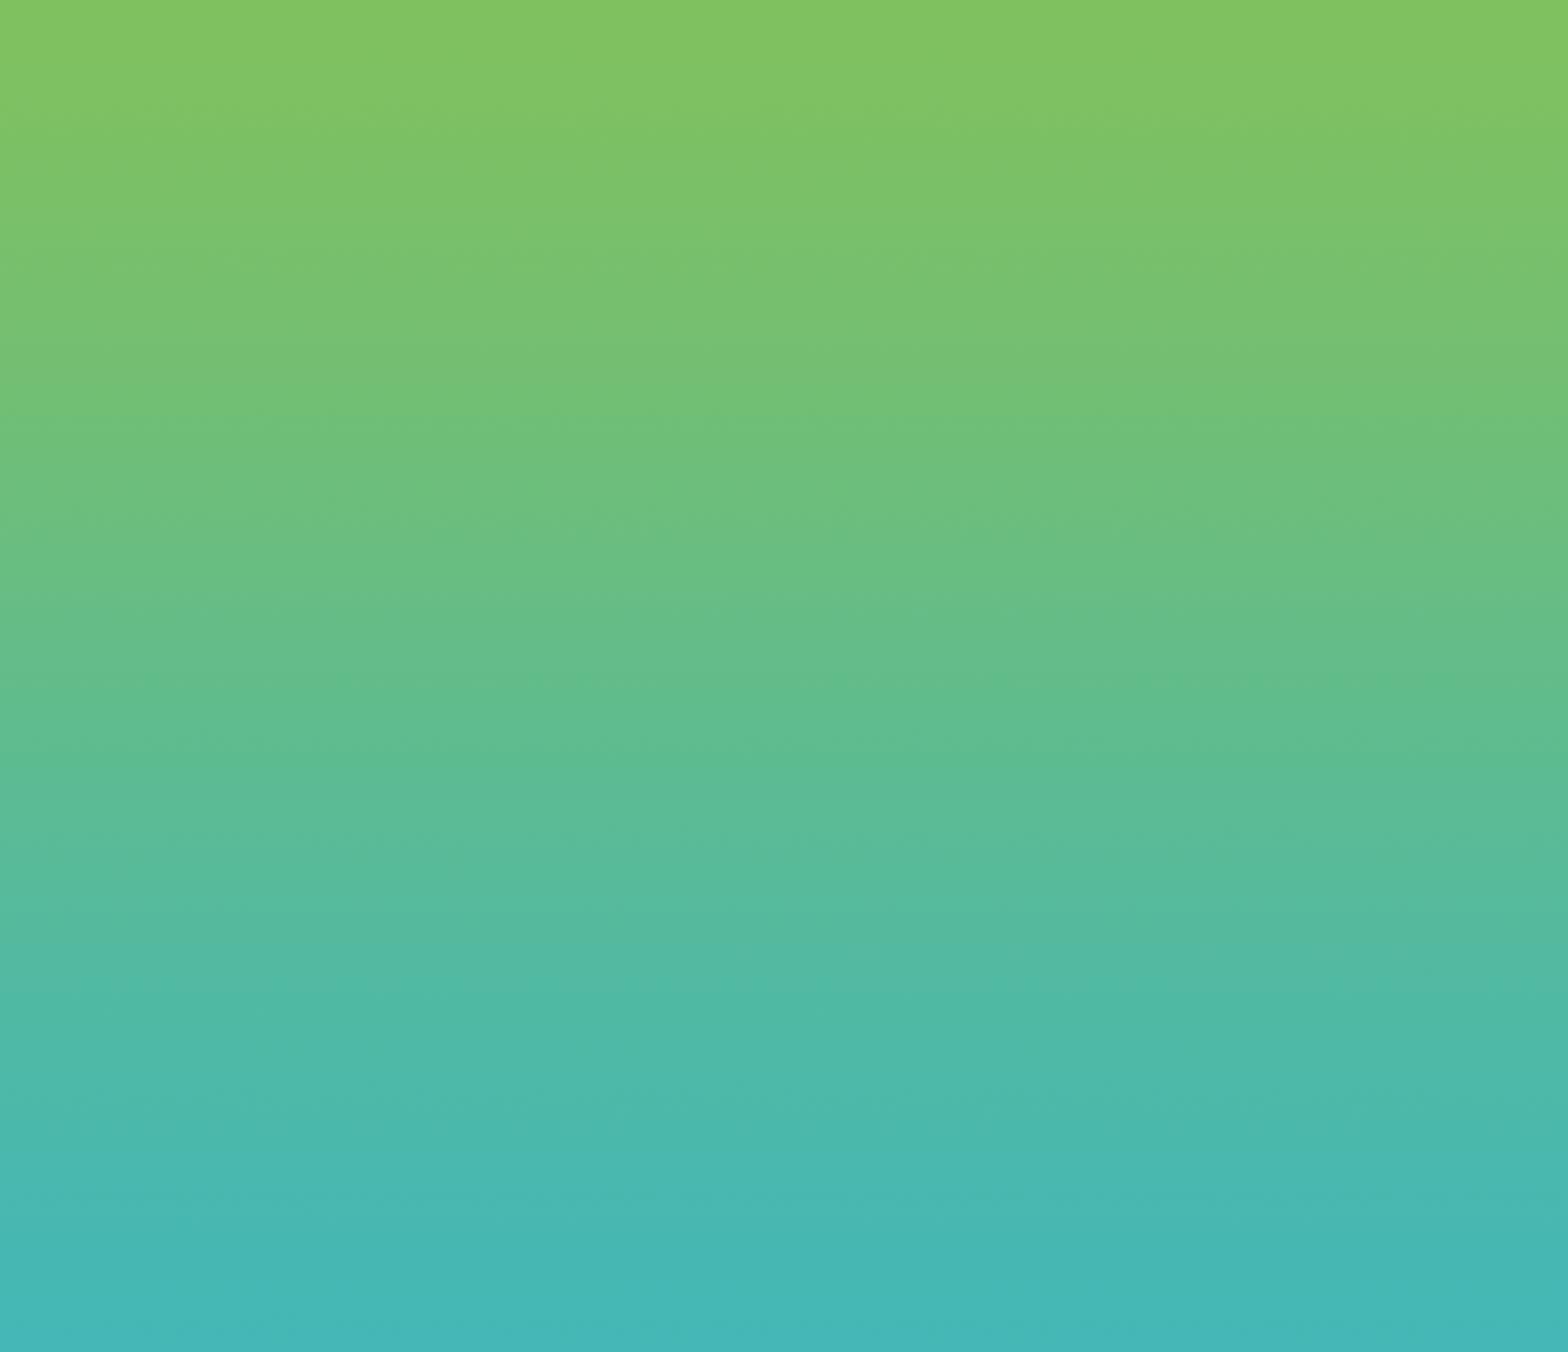 gradient siteFULL